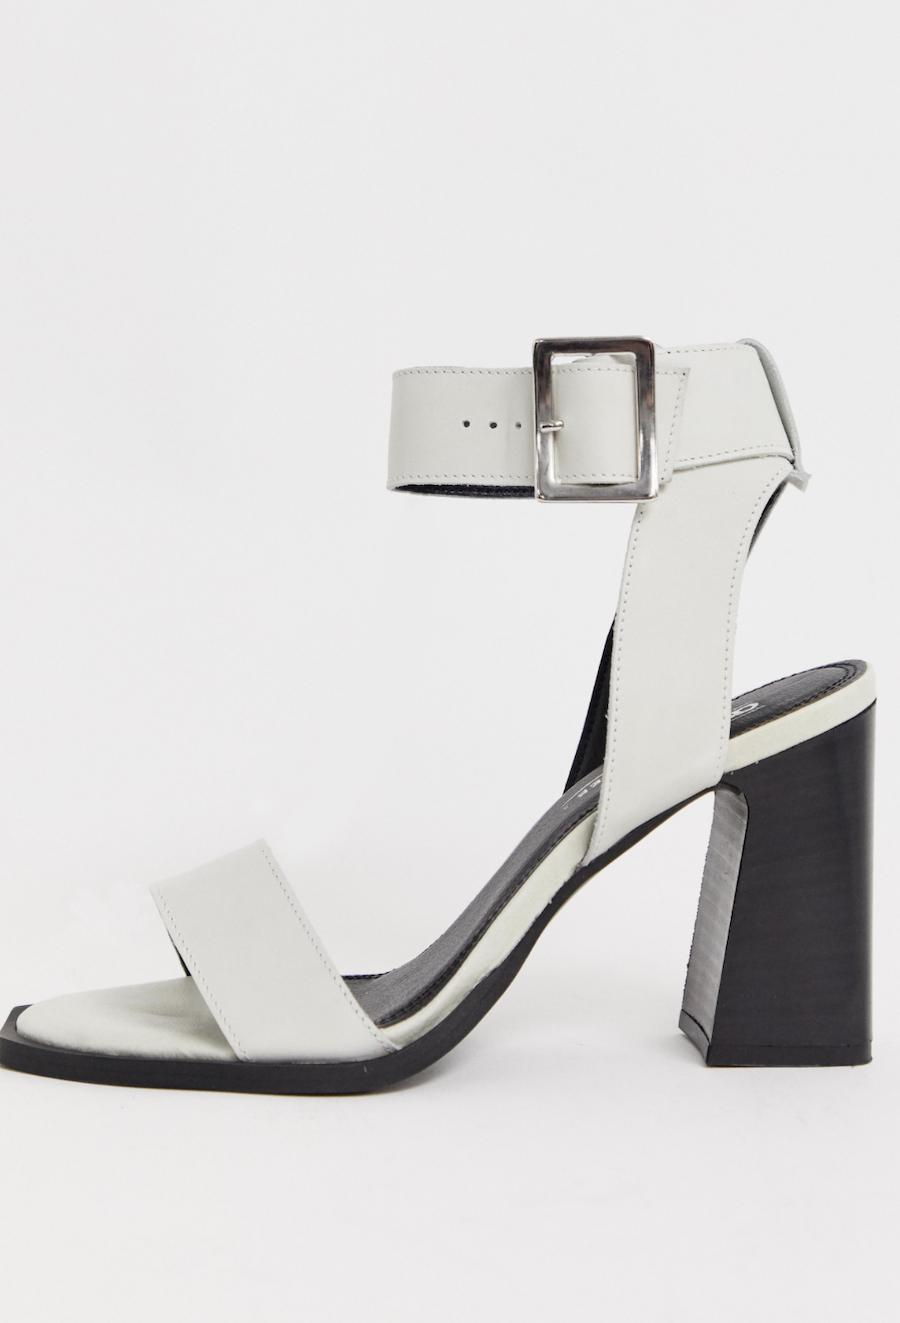 Sandalias de tacón cuadrado de cuero blanco Herbert de ASOS DESIGN